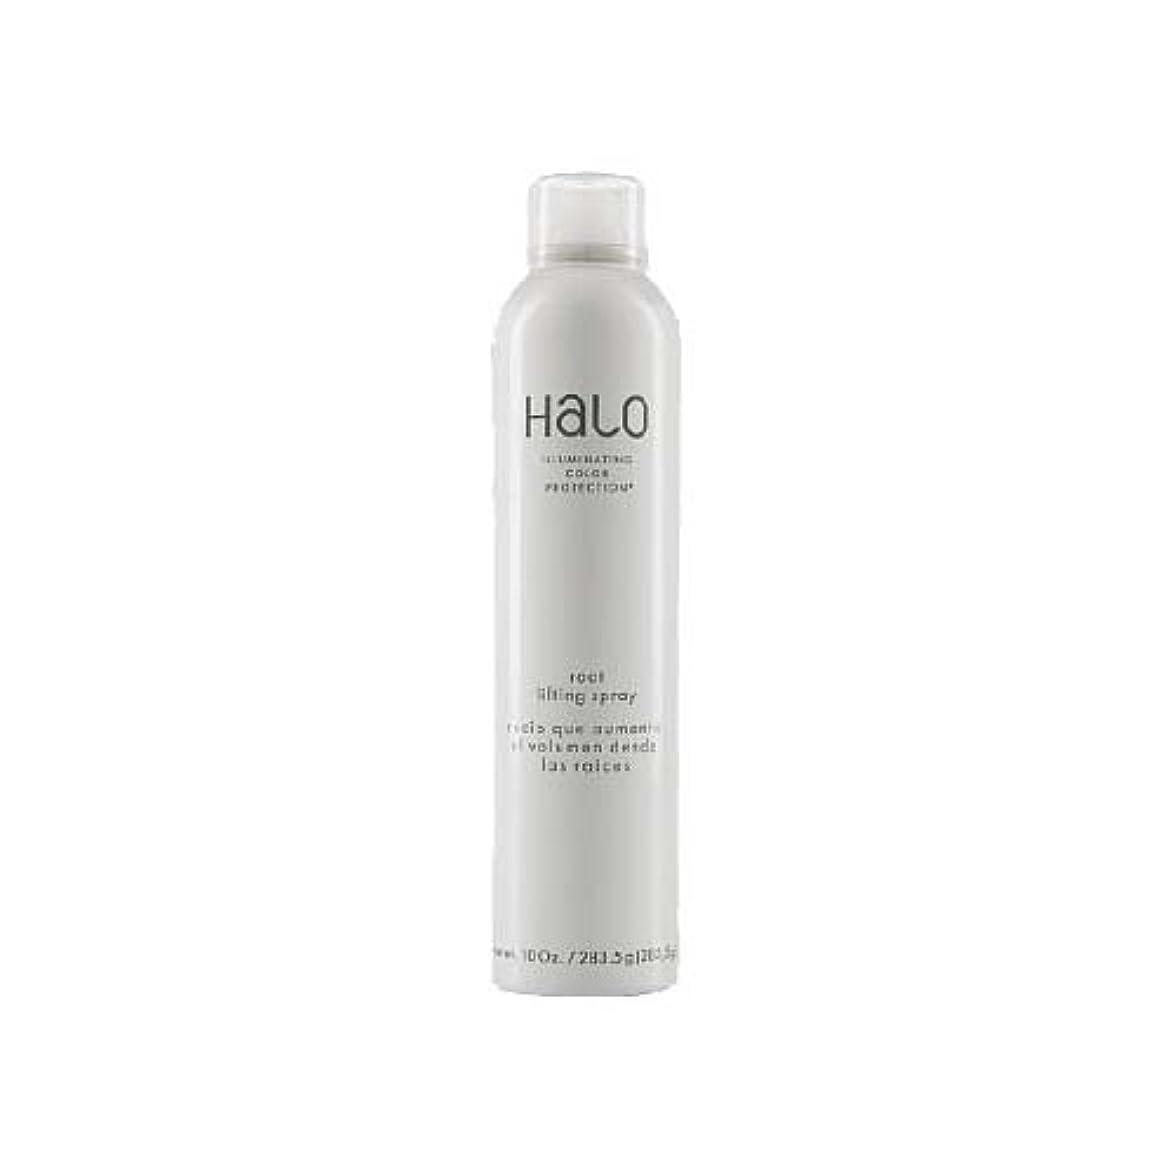 関税ギャラントリーの間でHalo HALO照明COLOR保護ROOTリフティングスプレー10オンス 10オンス